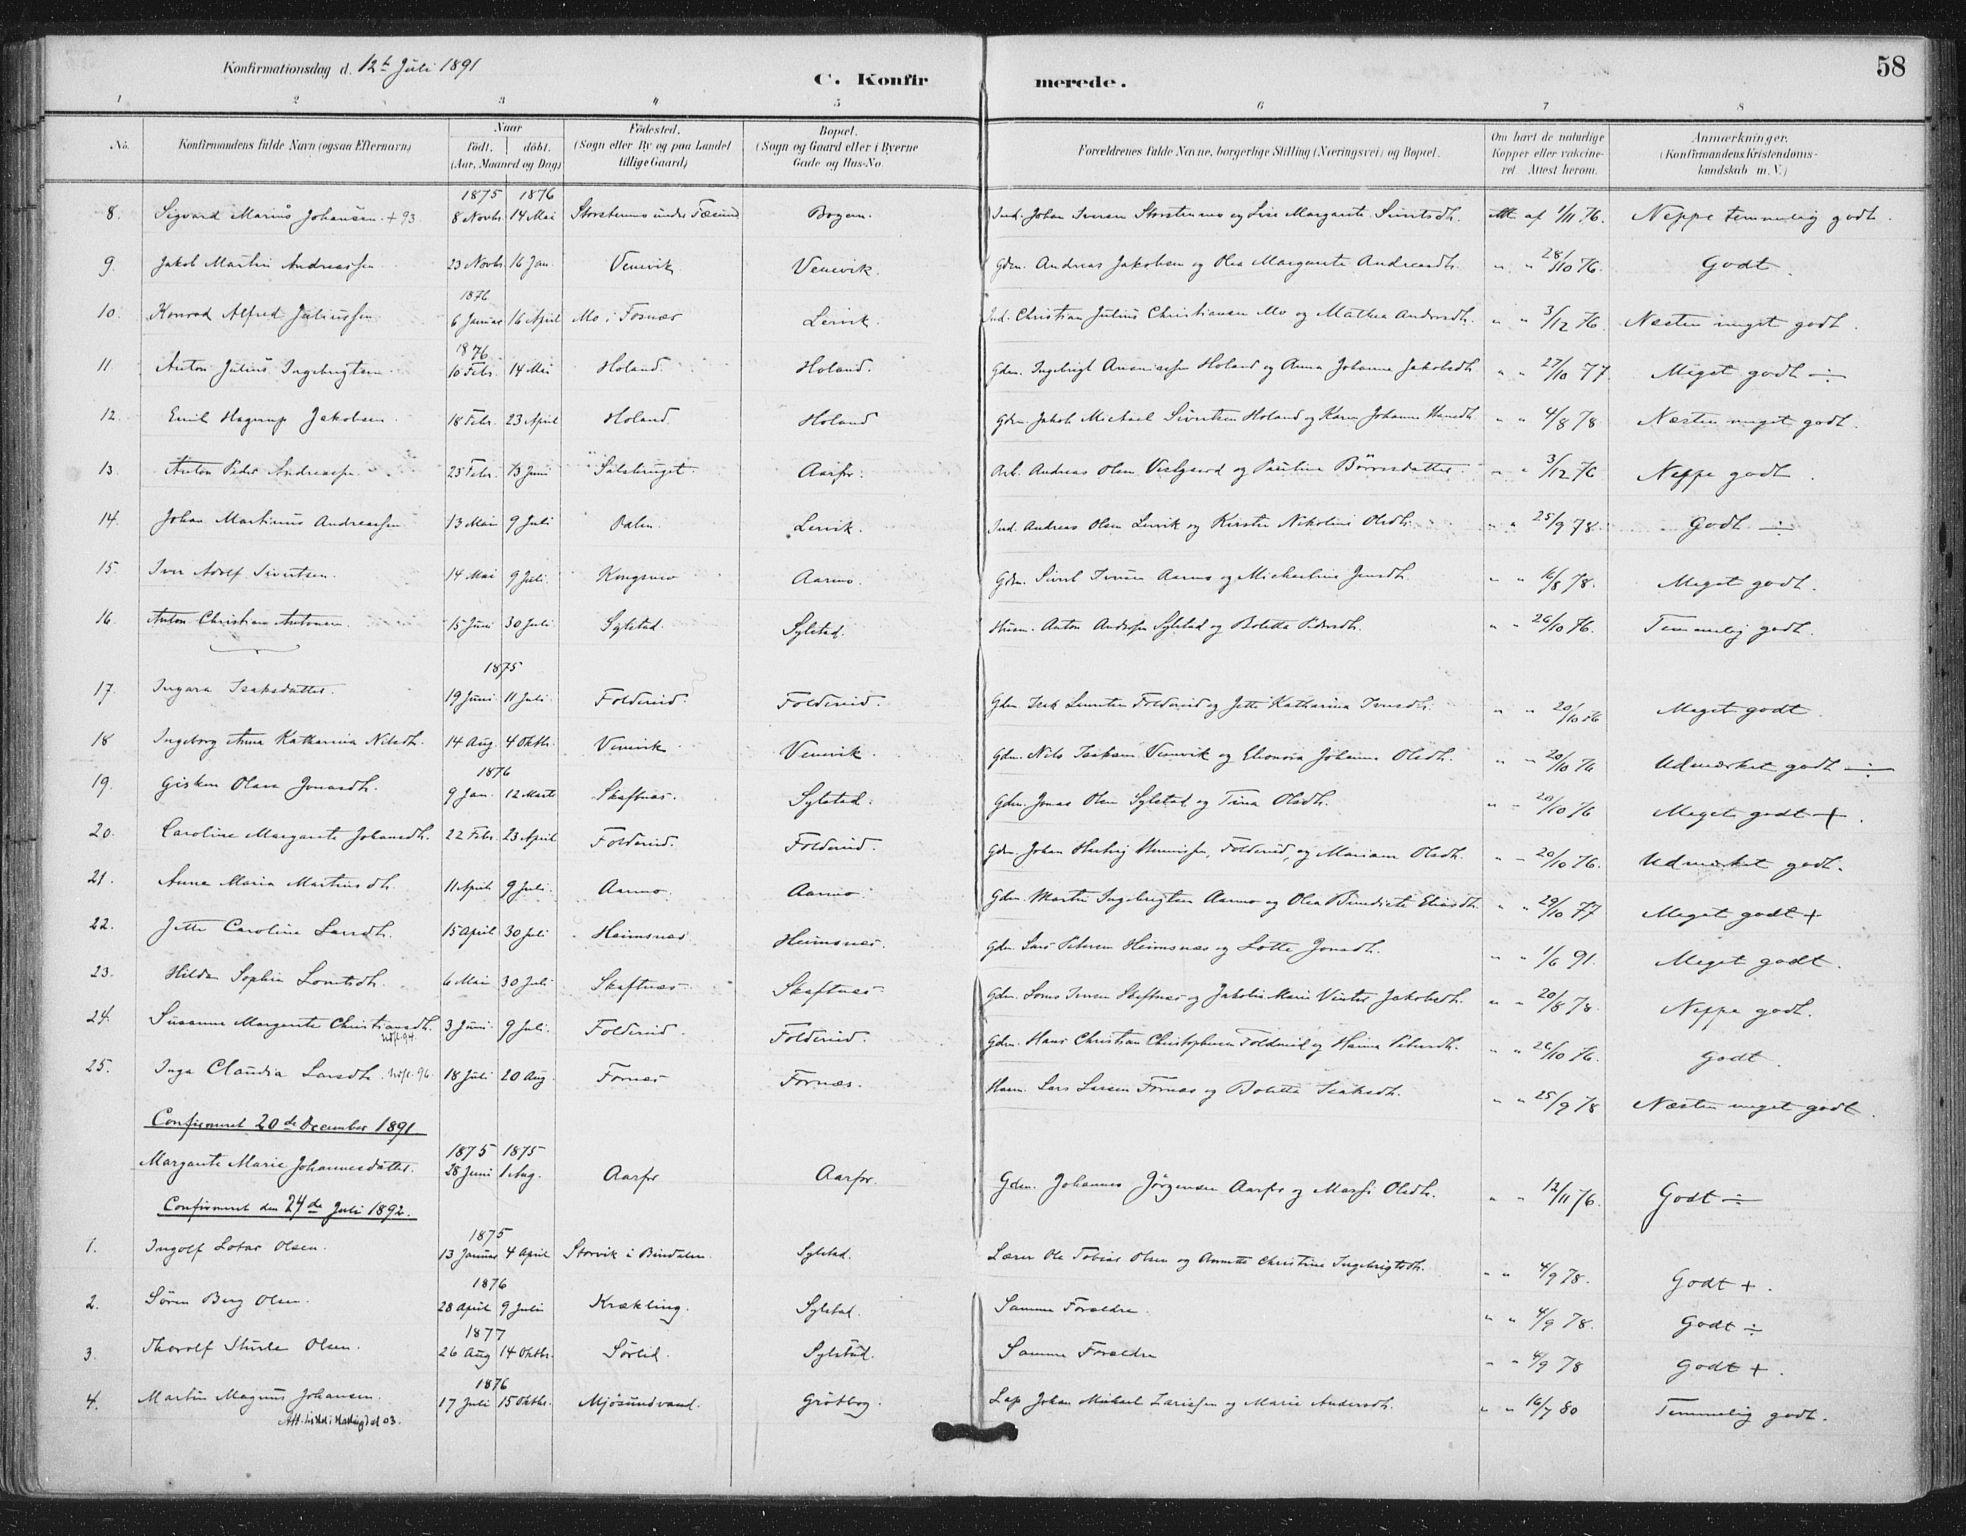 SAT, Ministerialprotokoller, klokkerbøker og fødselsregistre - Nord-Trøndelag, 783/L0660: Ministerialbok nr. 783A02, 1886-1918, s. 58